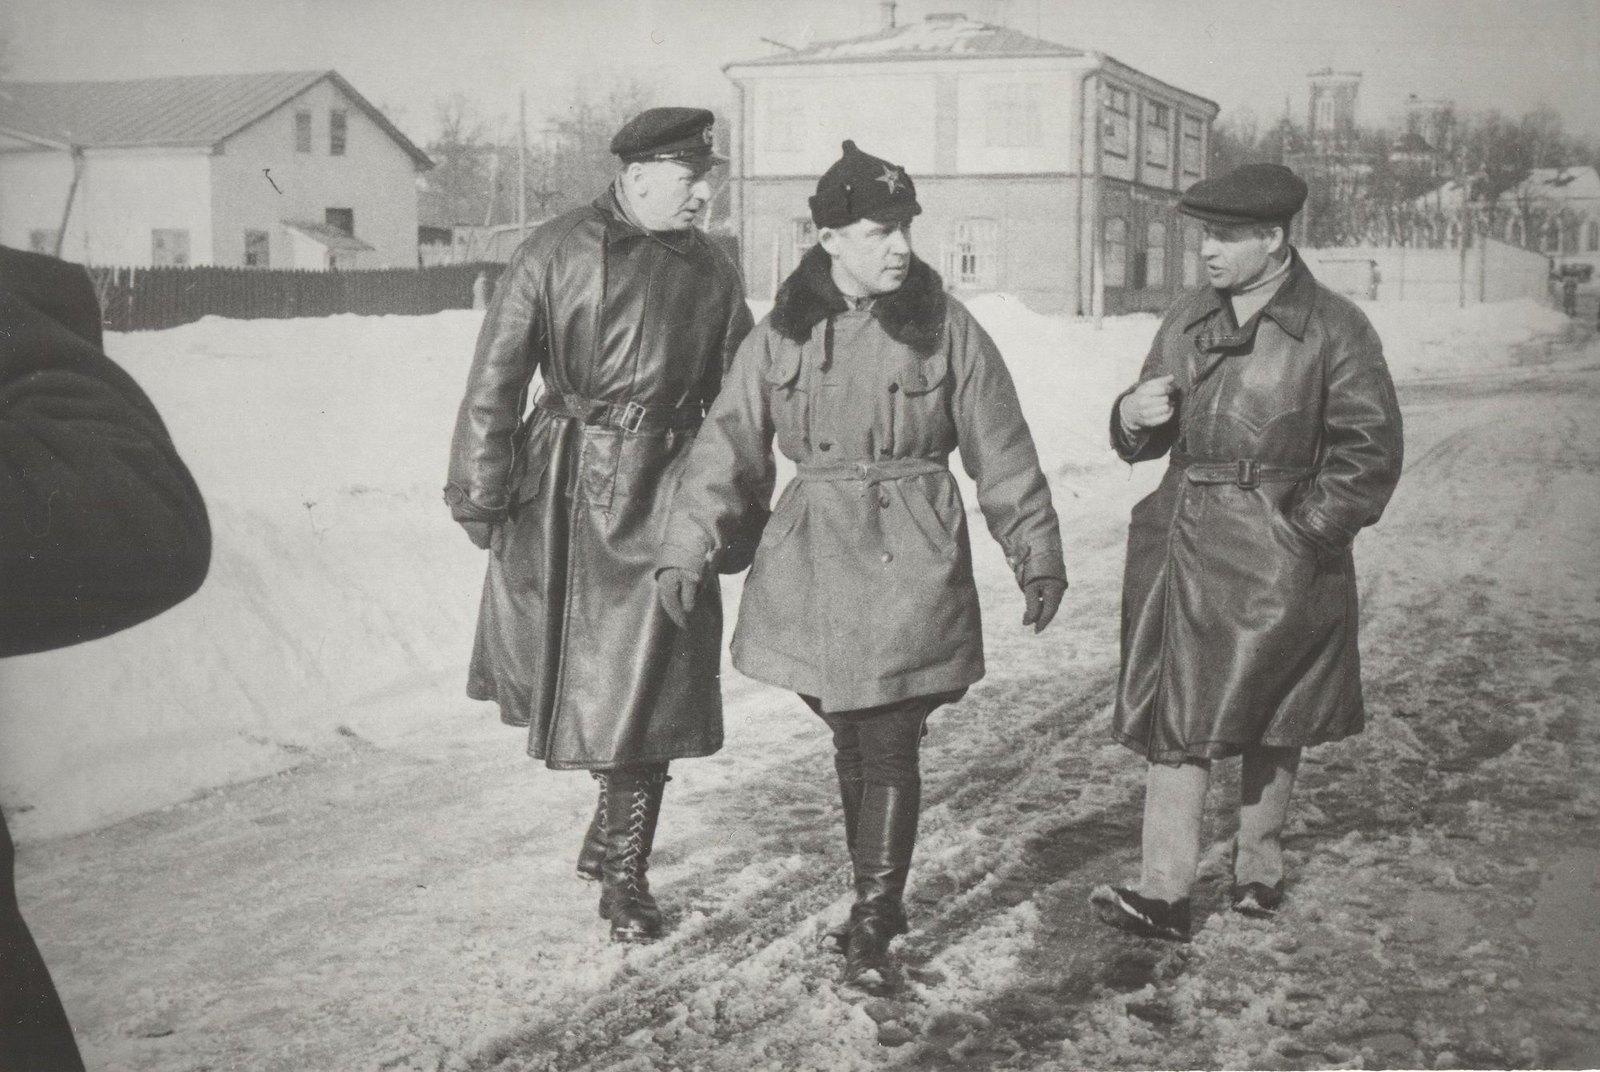 1934. Участники экспедиции по спасению челюскинцев. Летчик Бабушкин М.С., И.Т. Спирин и Молоков В.С.